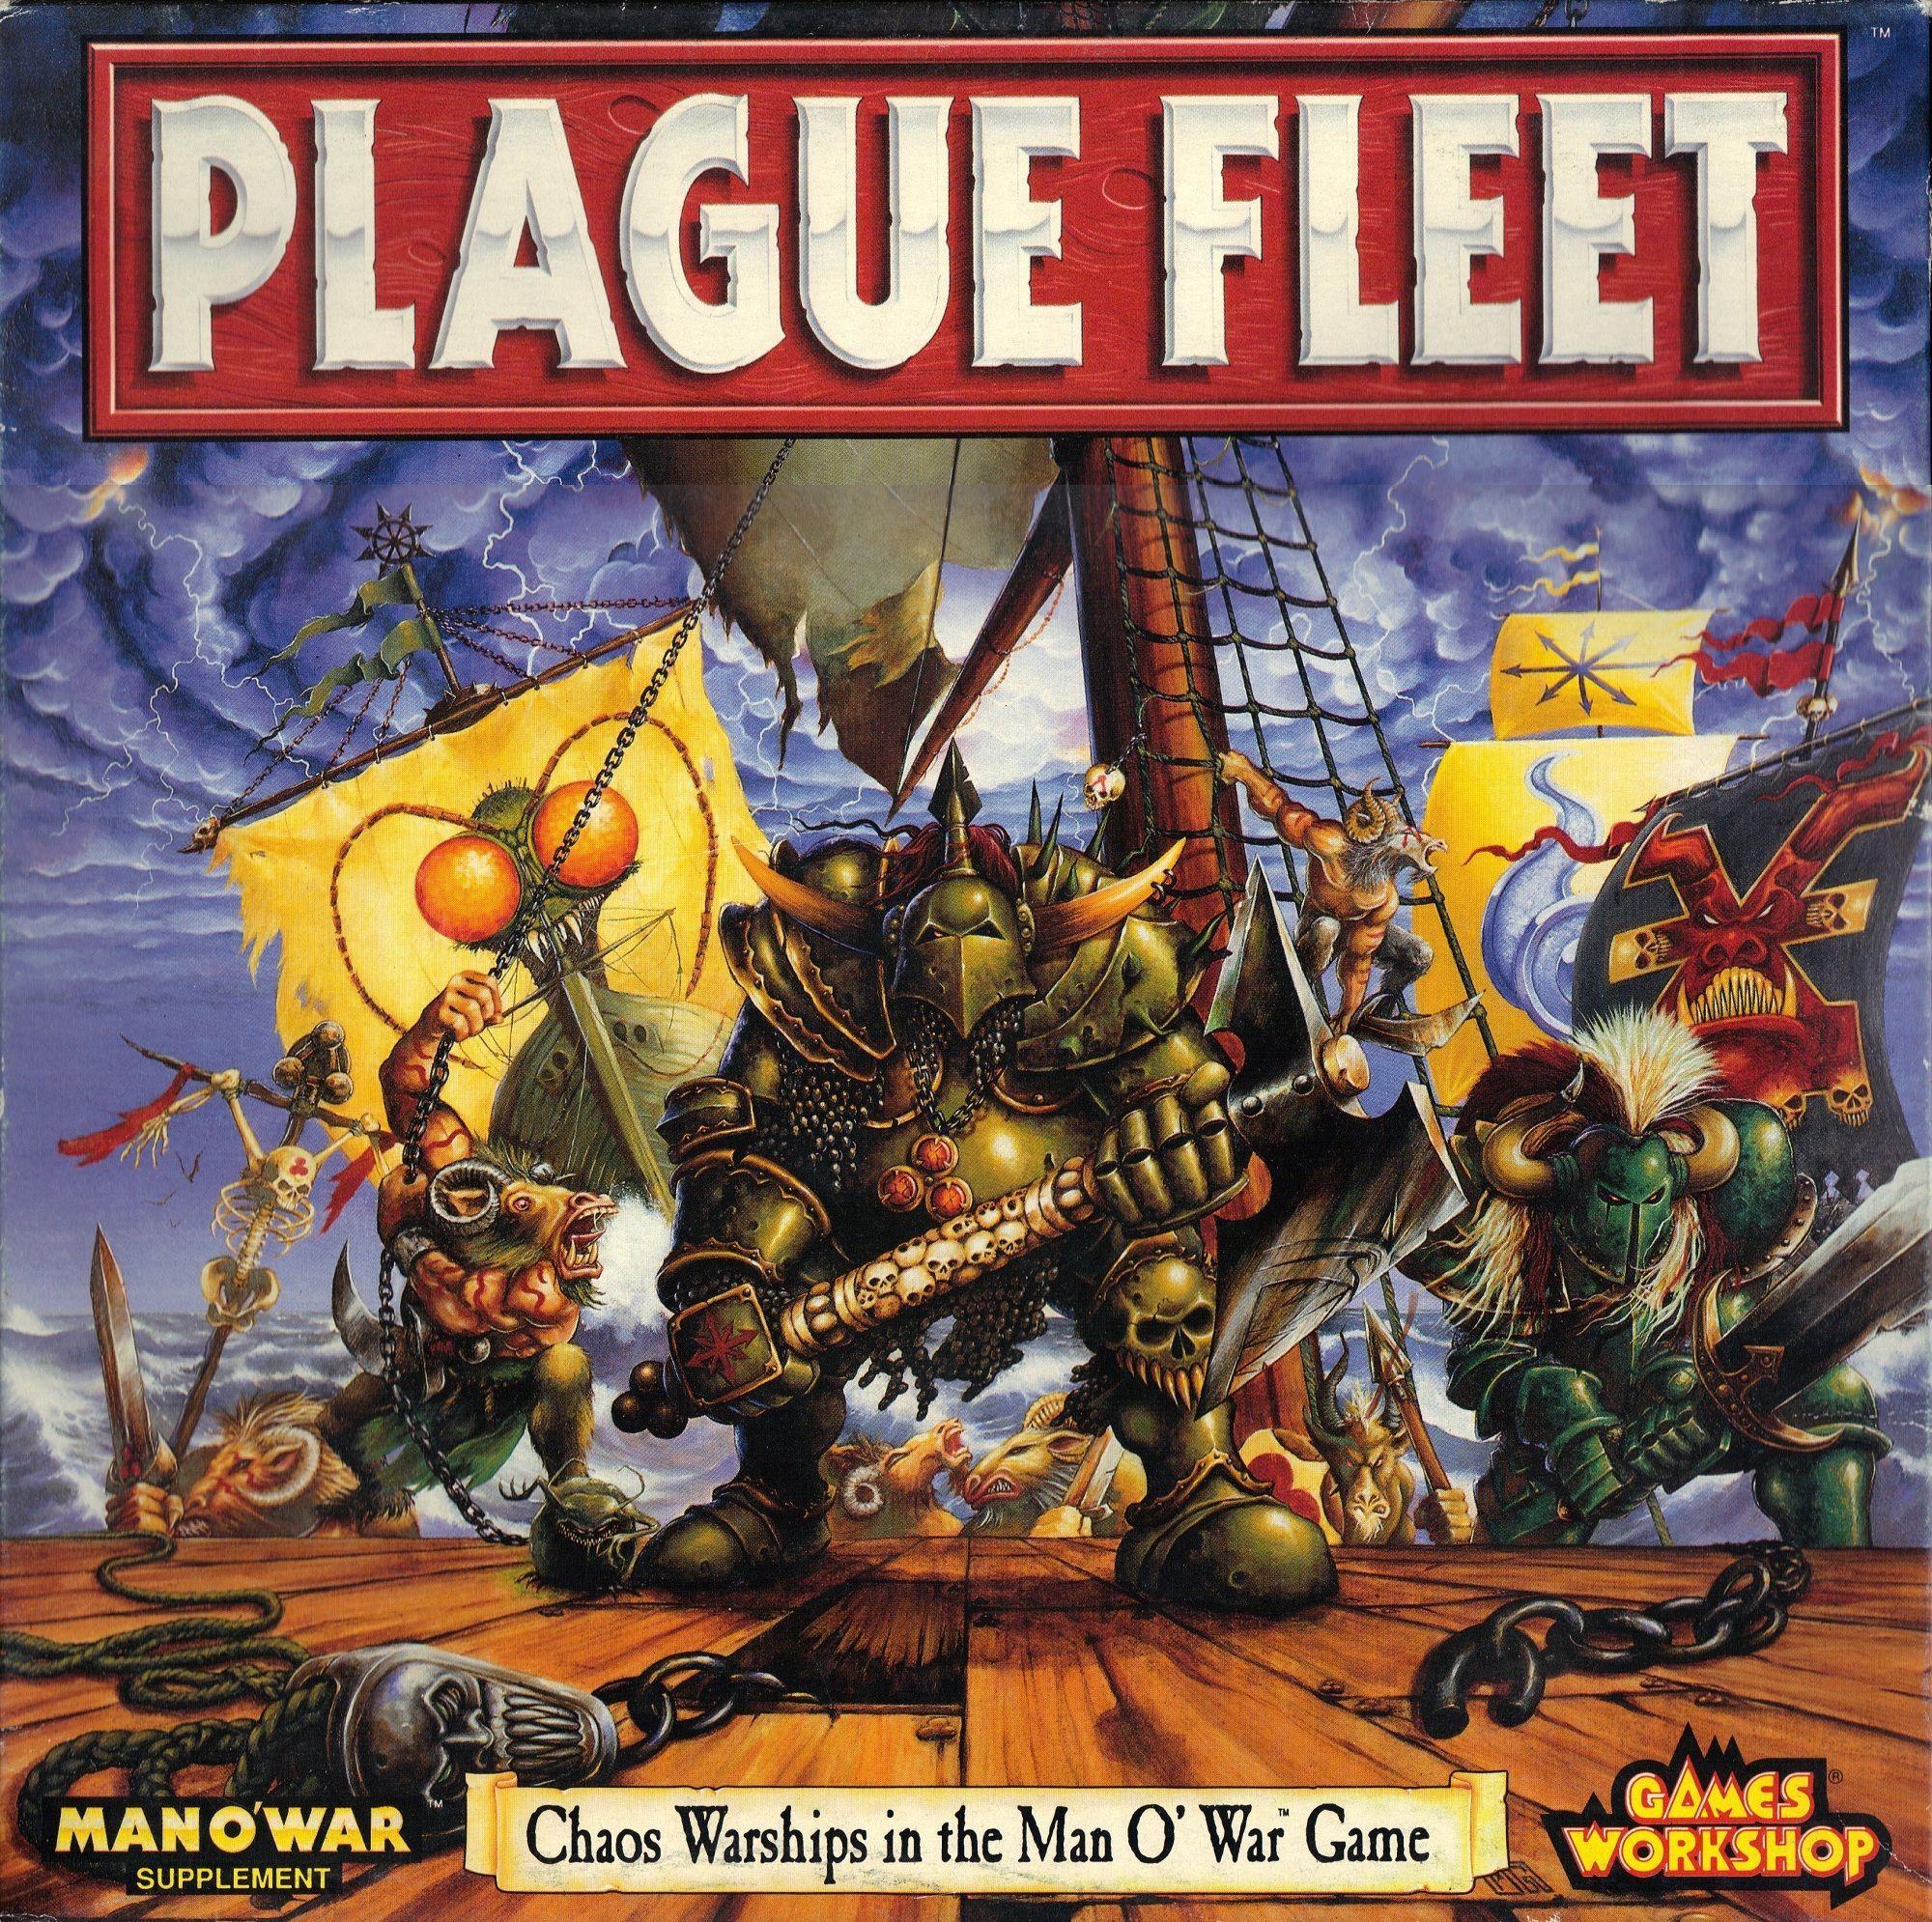 Man O' War: Plague Fleet